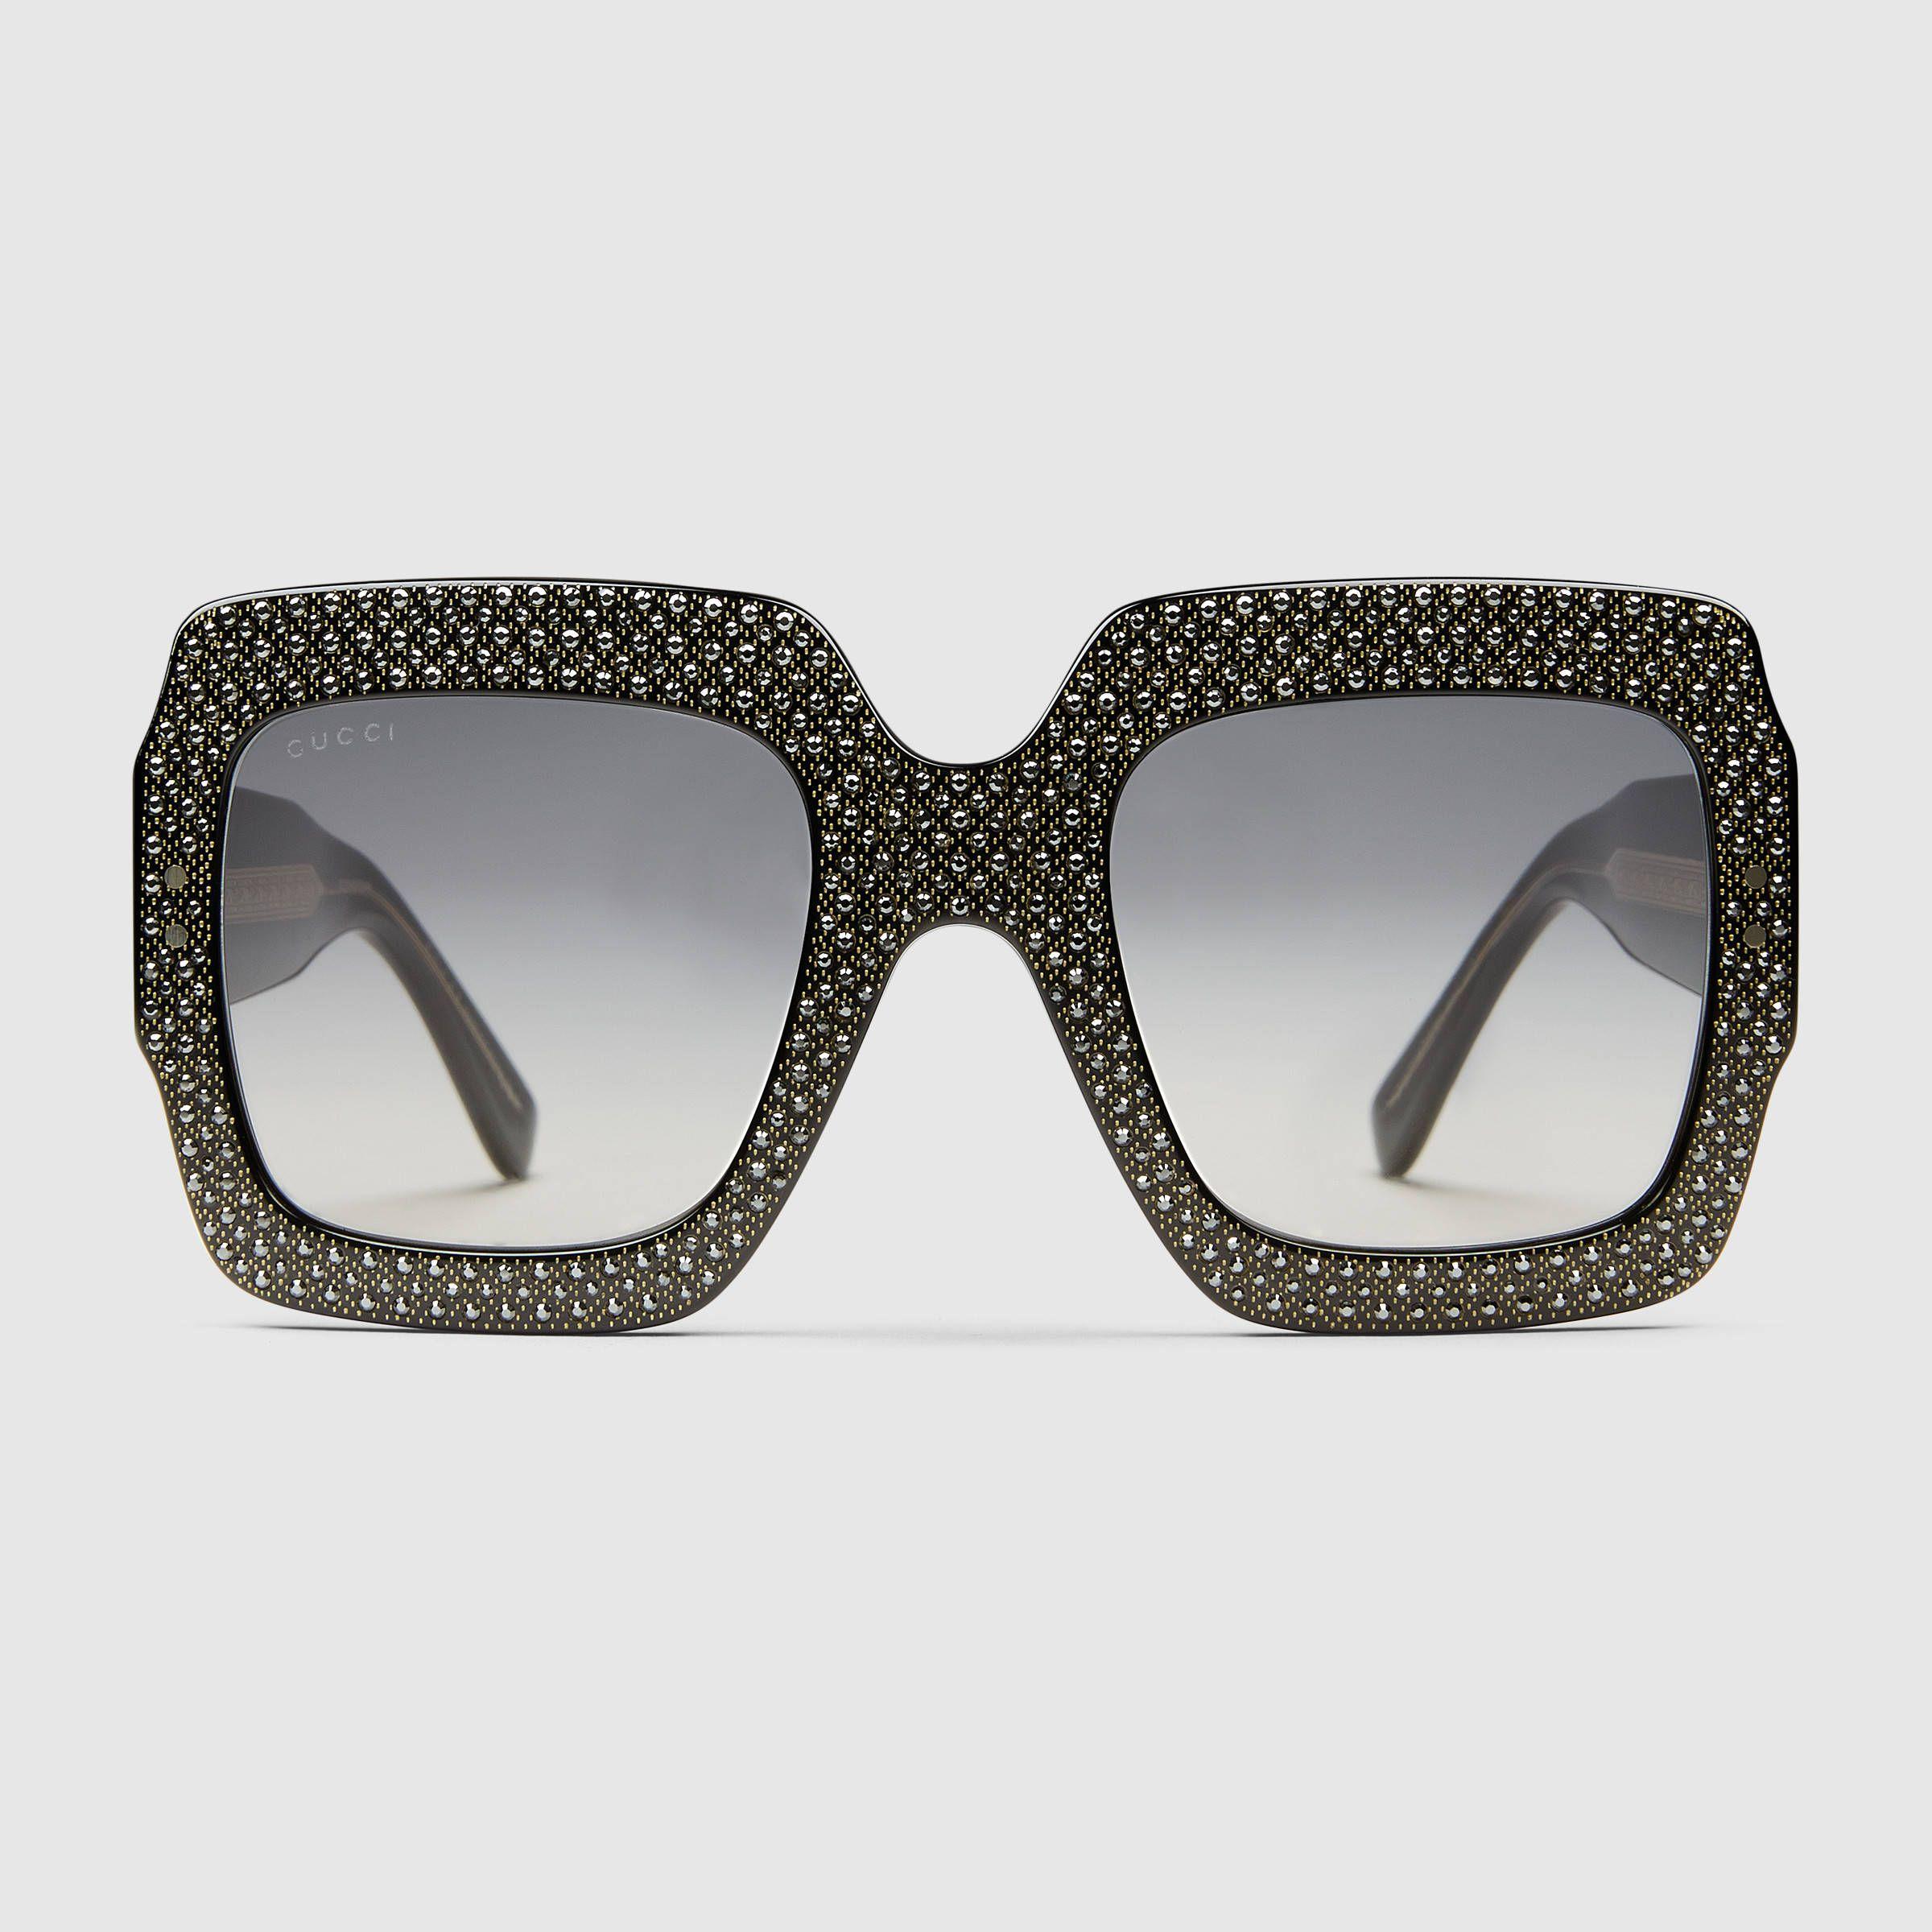 46fc5f6fad7 Gucci Women - Oversize square-frame rhinestone sunglasses - 434041J07401150